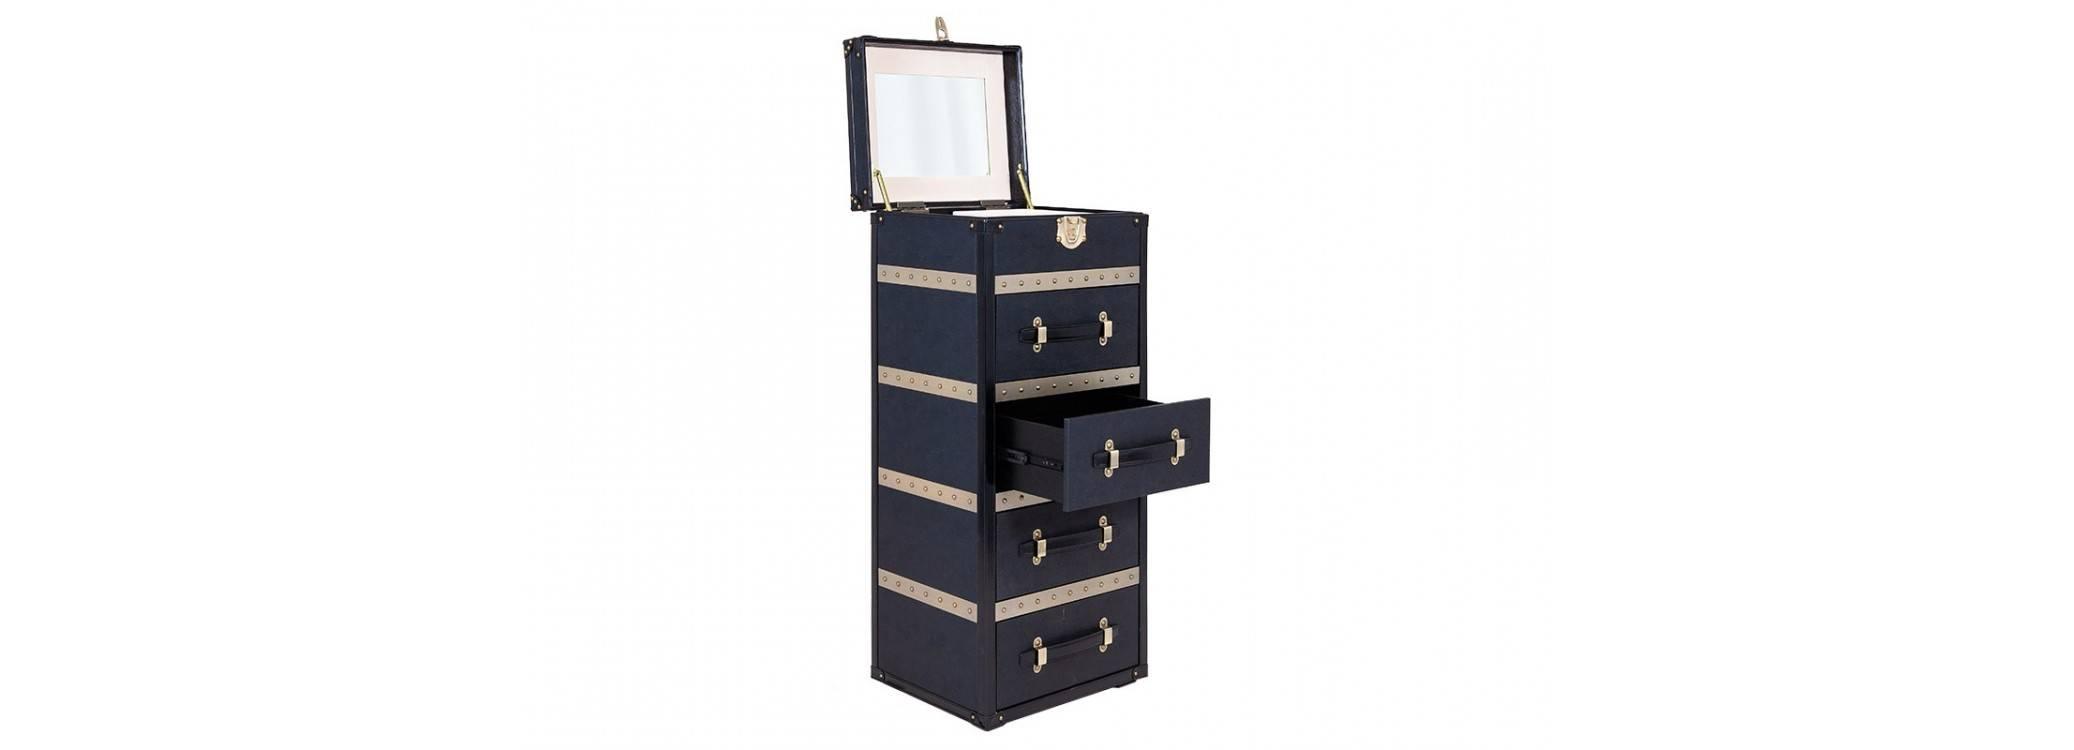 Chiffonnier 4 tiroirs Cap Horn - Noir façon galuchat